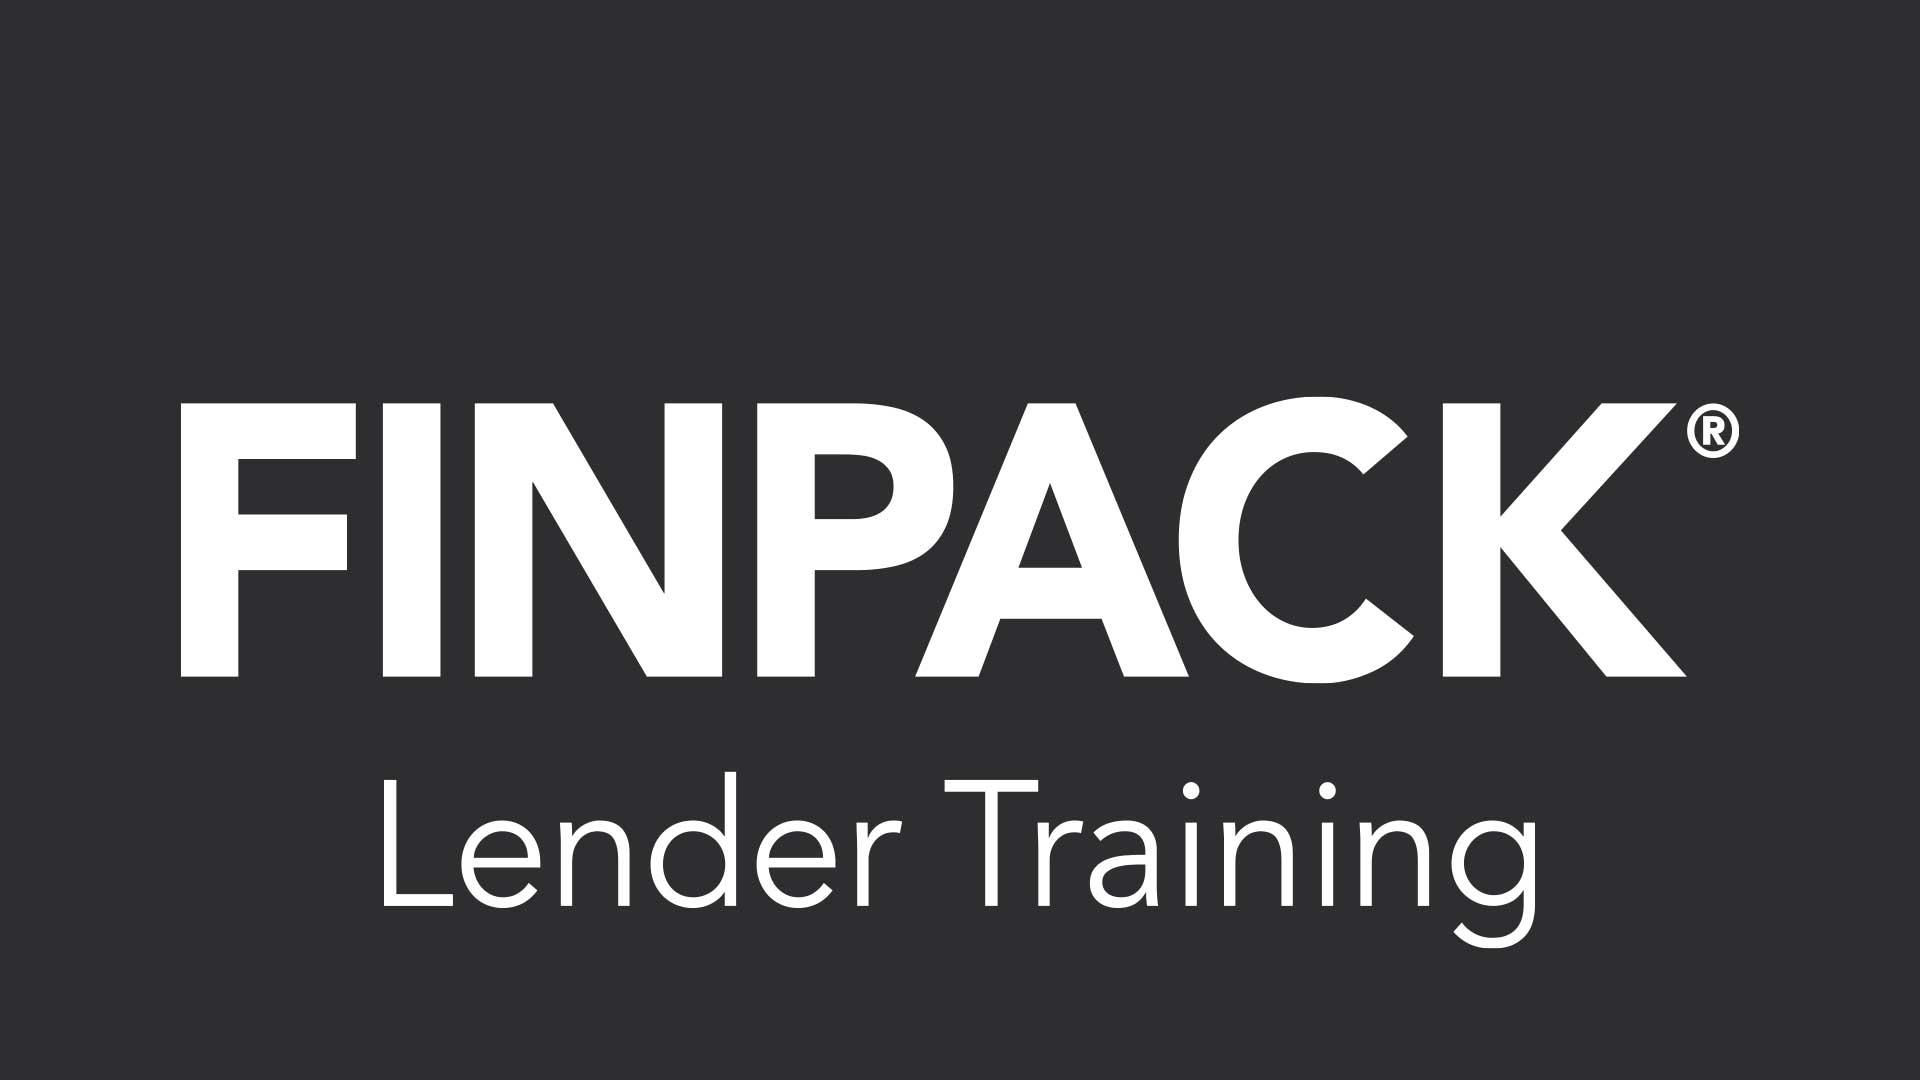 FINPACK Lender Training